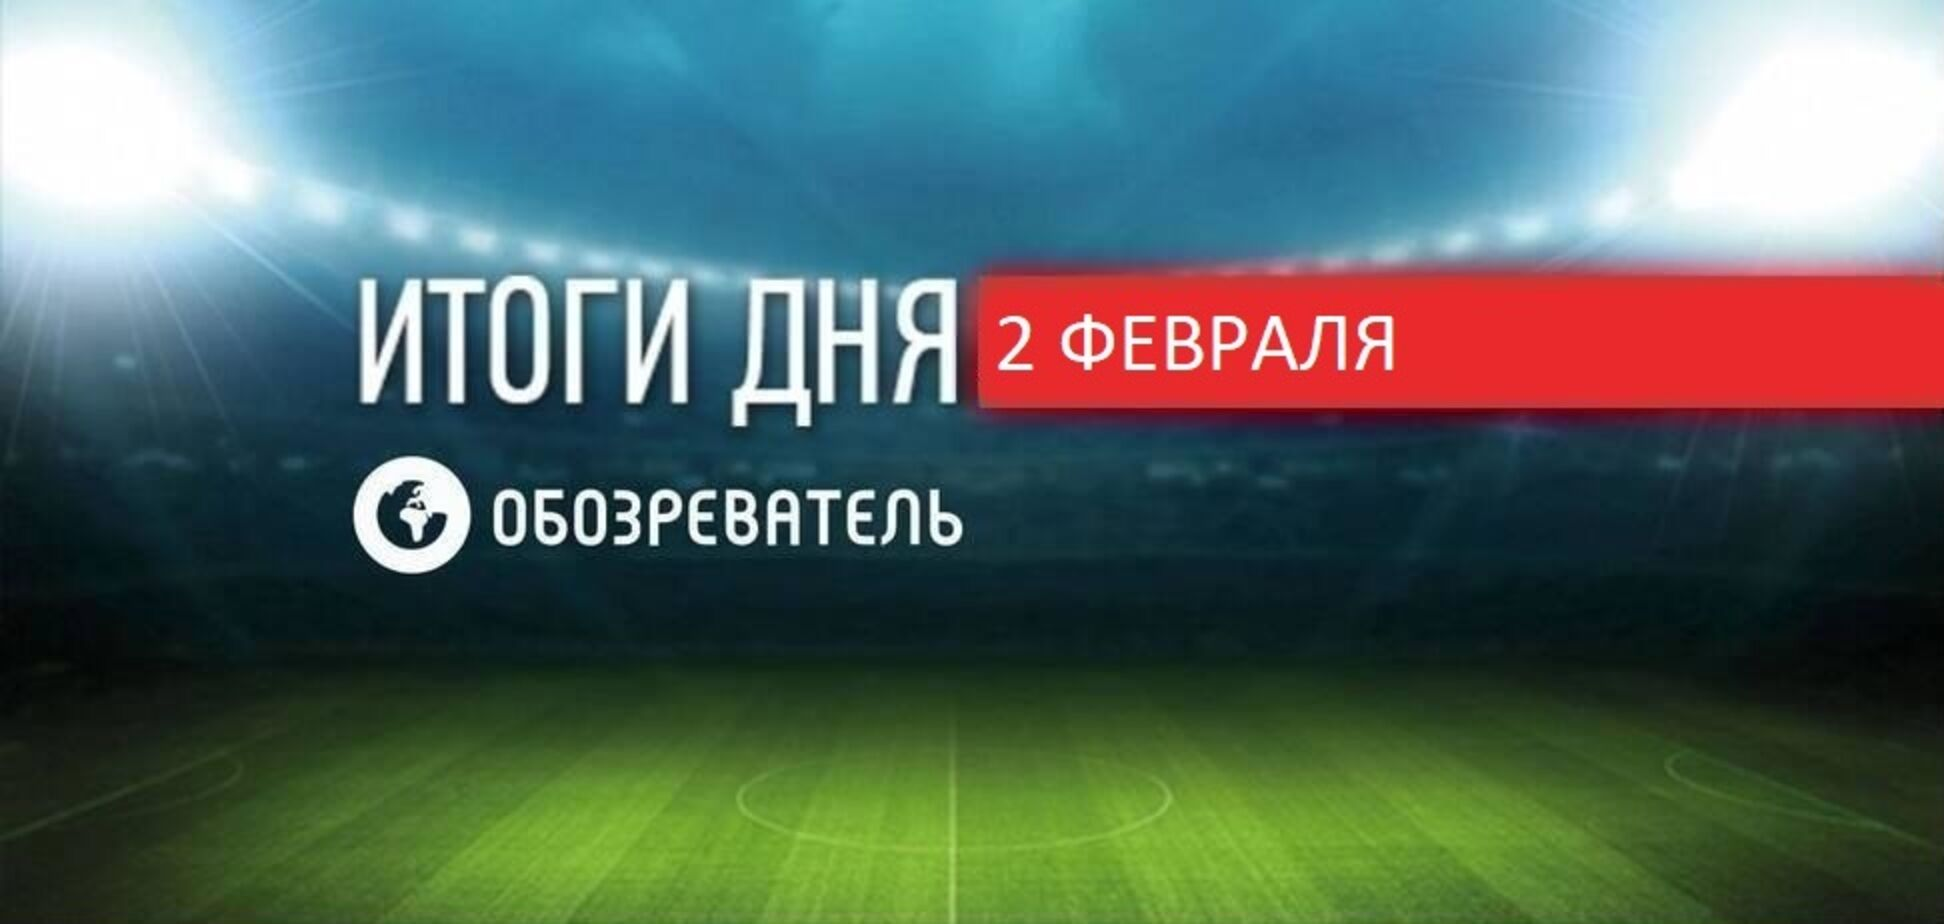 Українська легкоатлетка встановила світовий рекорд: спортивні підсумки 2 лютого